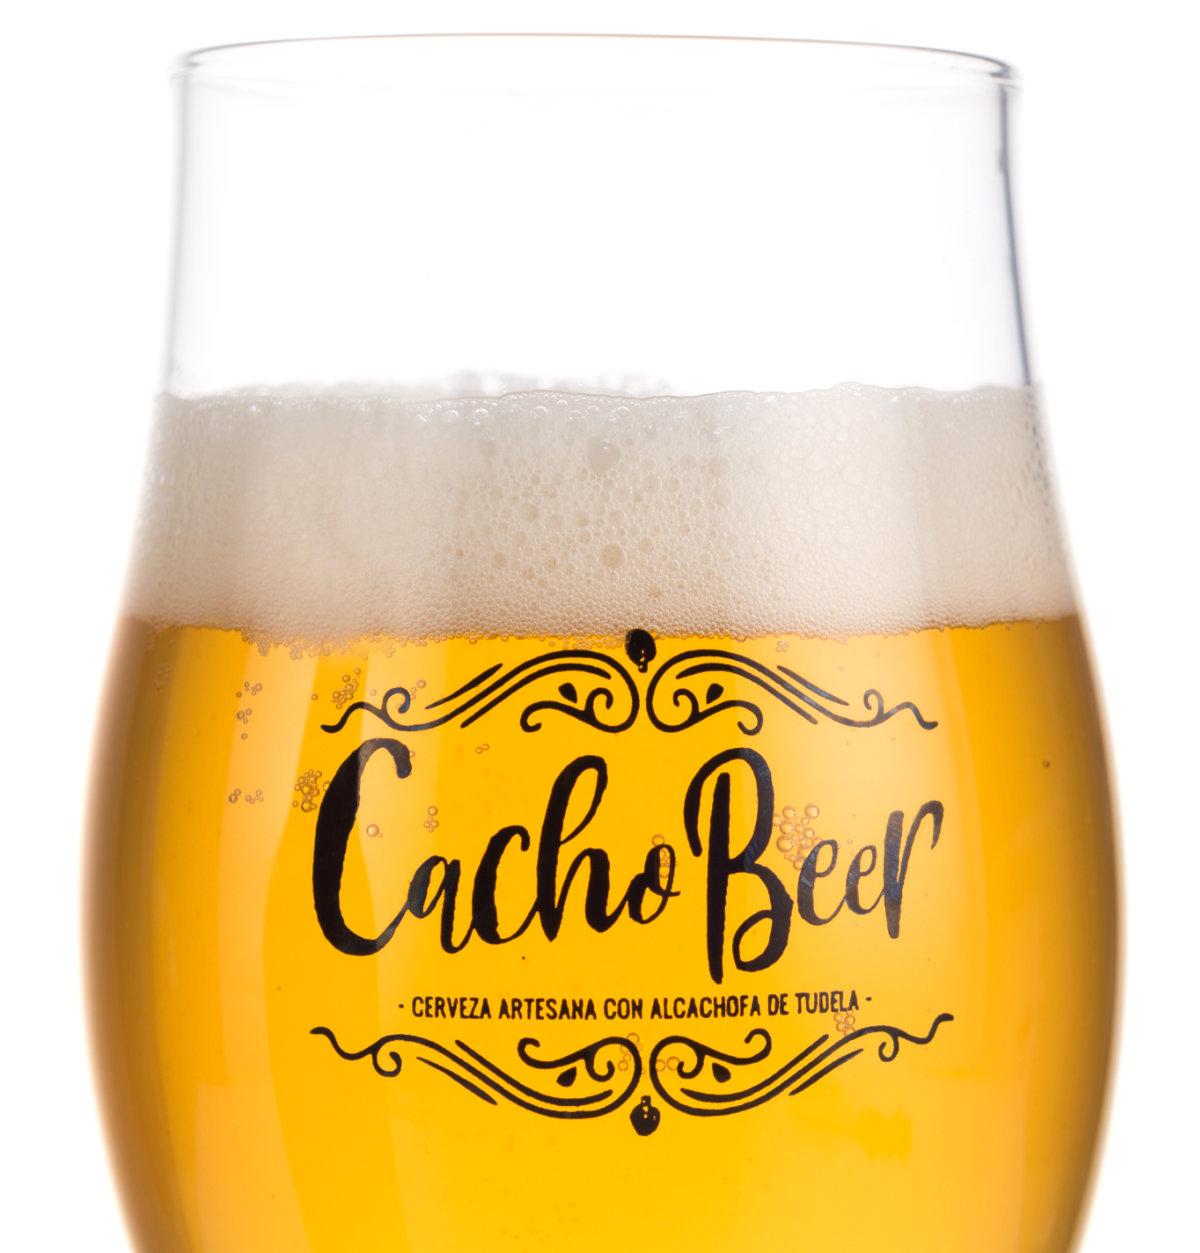 CachoBeer - copa cachobeer cerveza